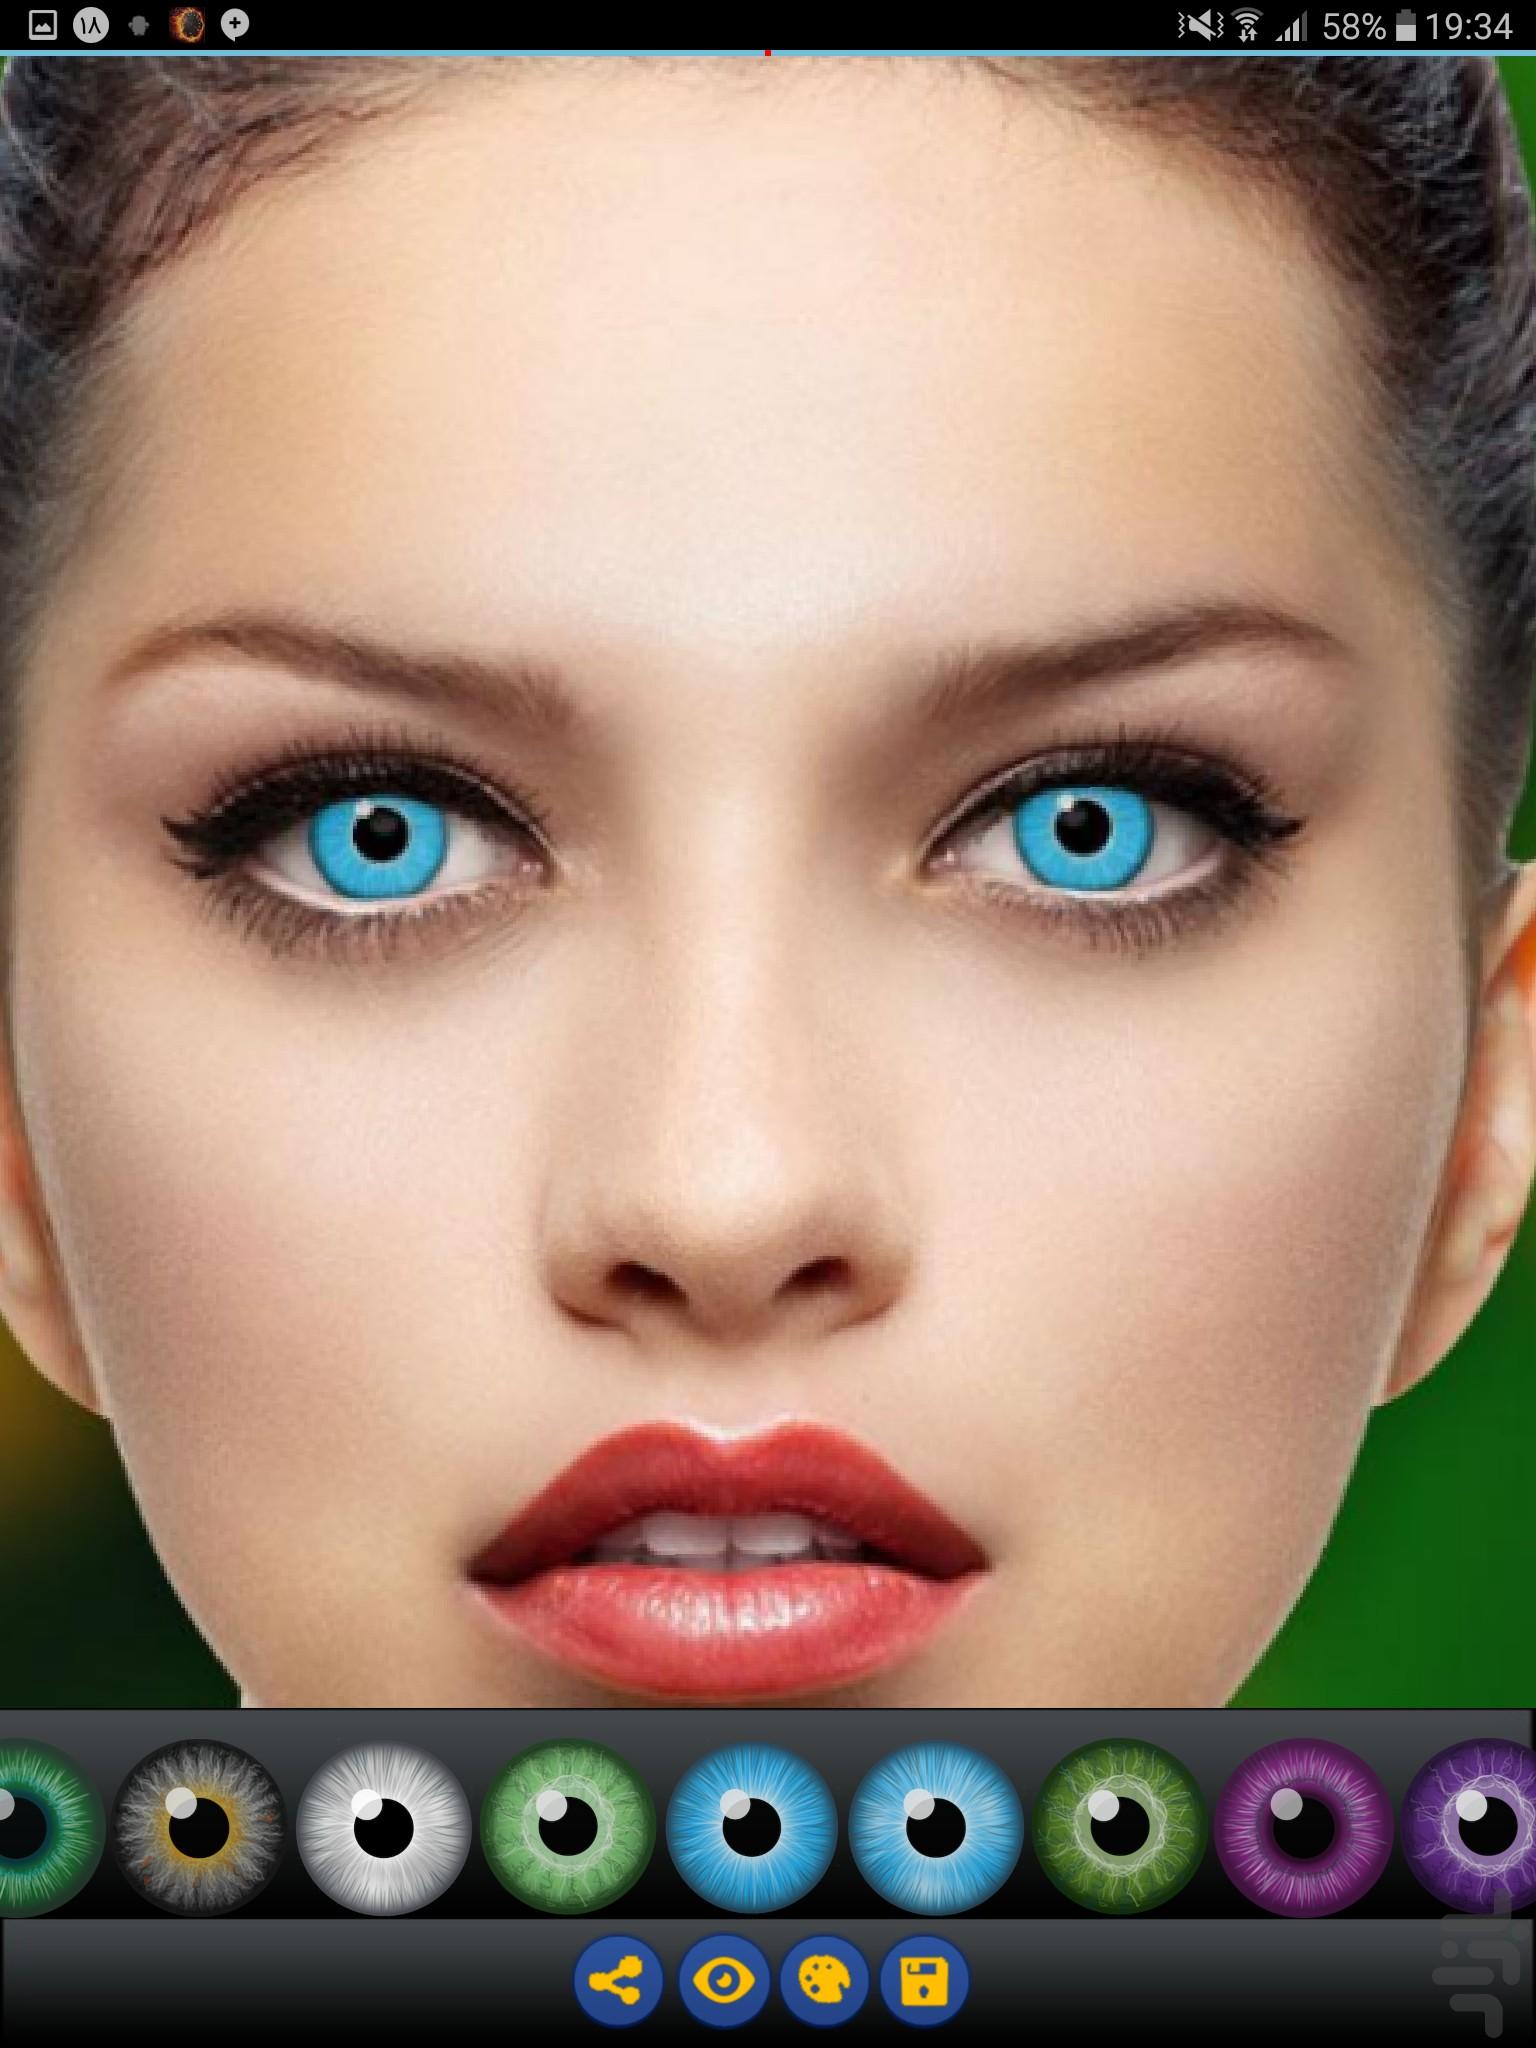 رنگ چشم تغییر Download Install Android Apps Cafe